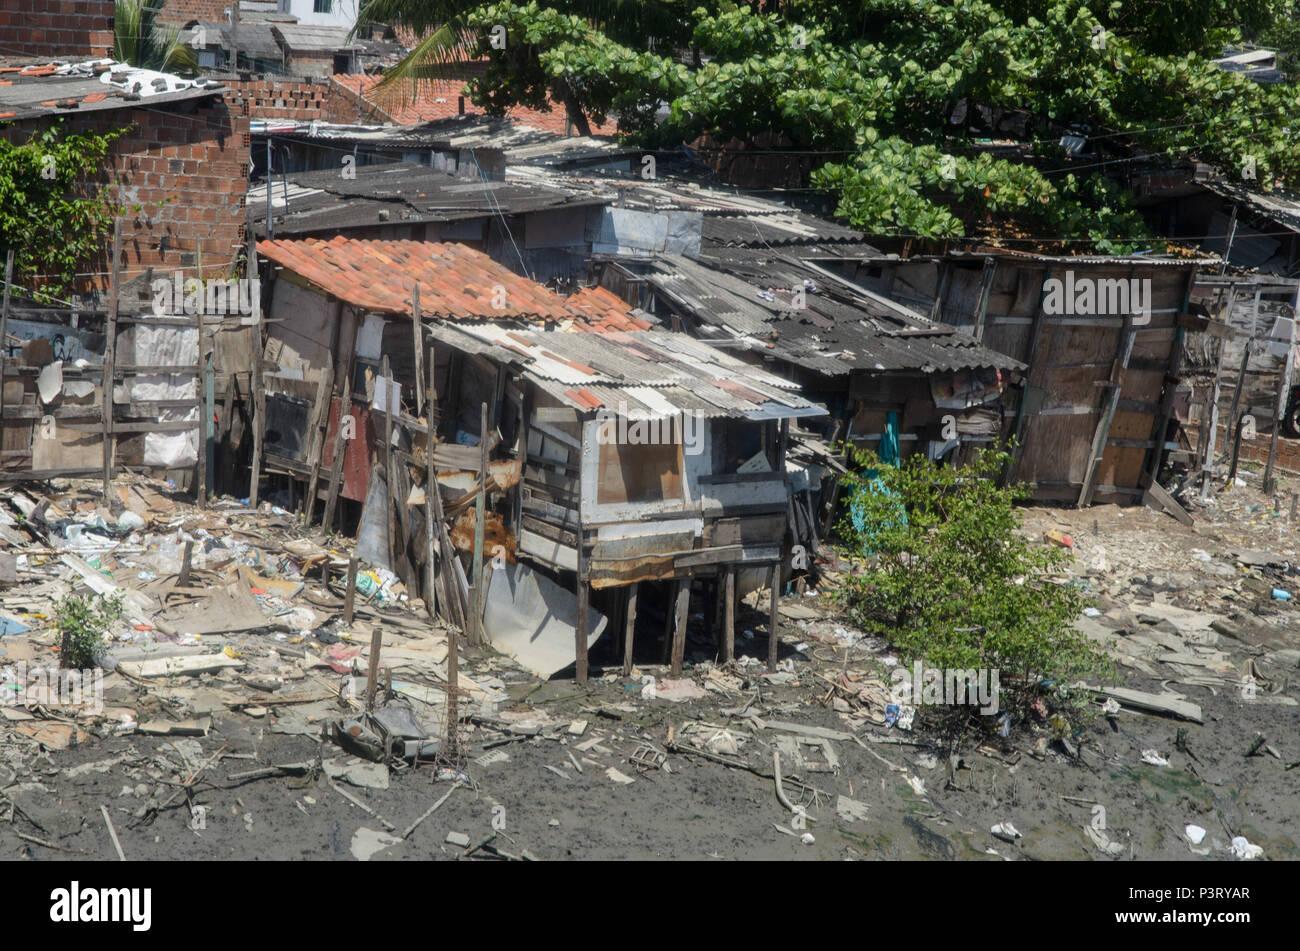 RECIFE, PE - 10.10.2015: PALAFITAS EM COMUNIDADE CARENTE - Palafitas na favela n coque, comme margens do Rio Capibaribe. (Foto: Diego Herculano / Fotoarena) Banque D'Images